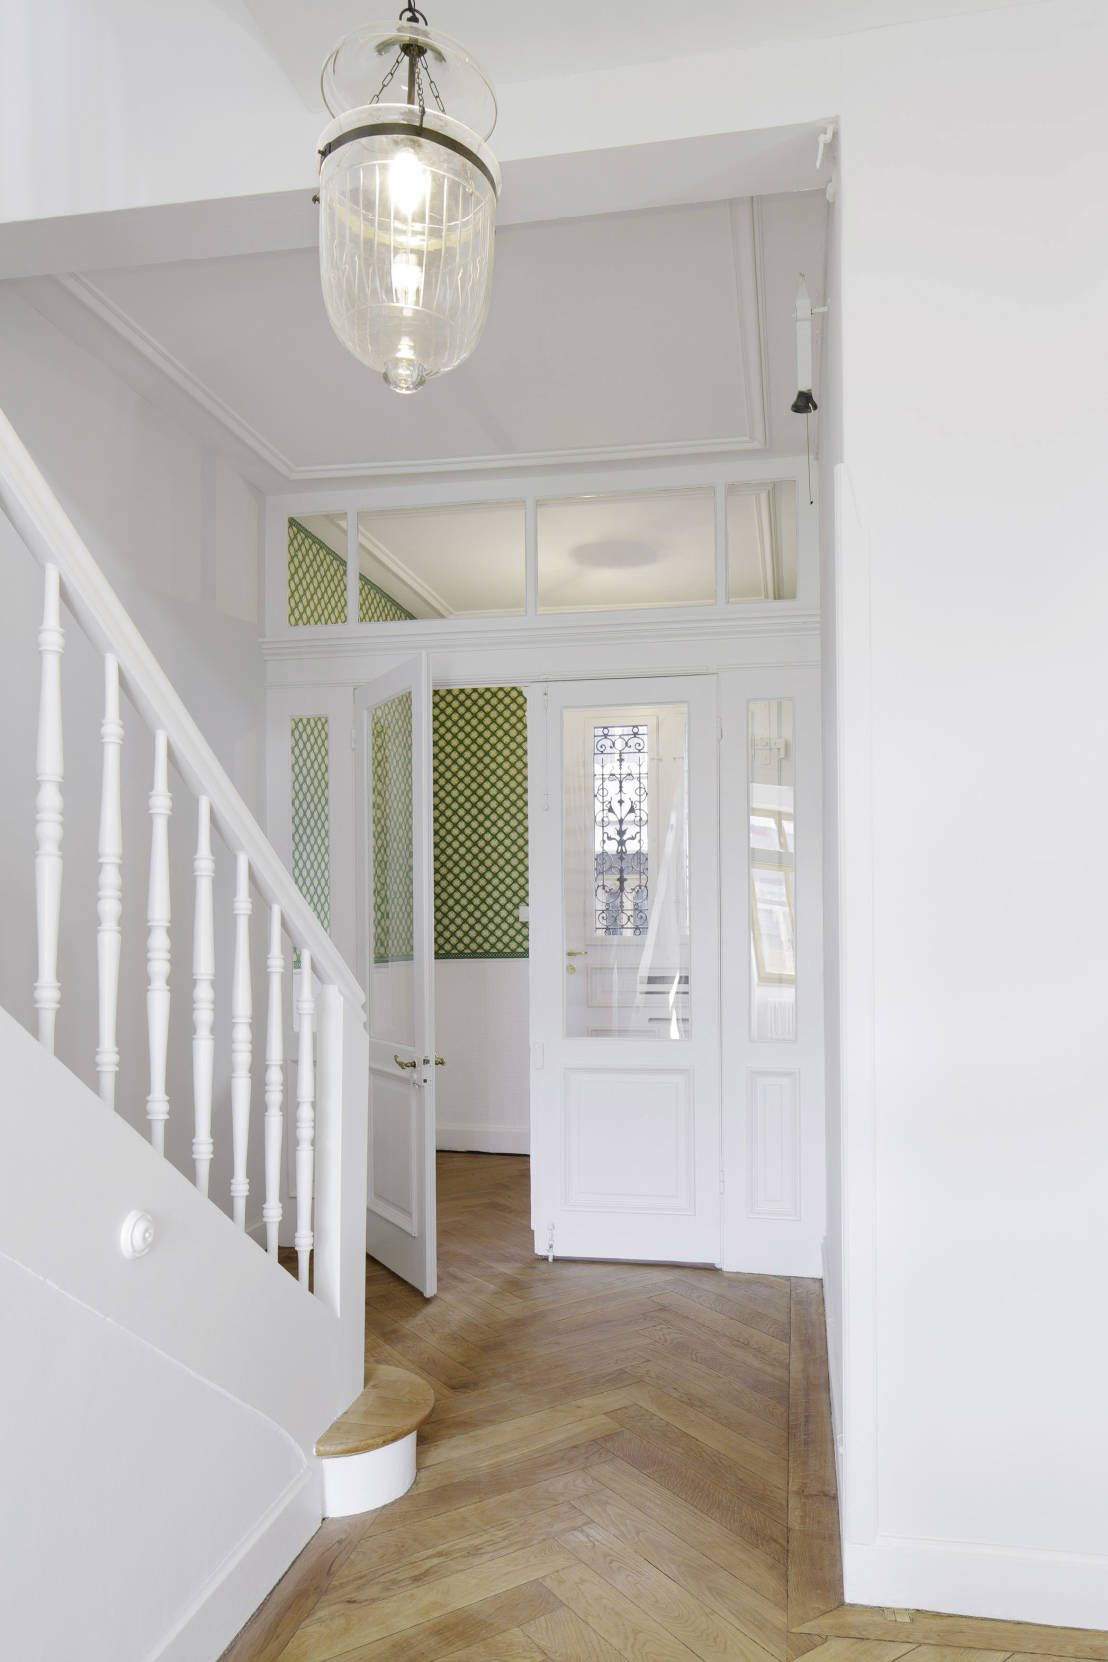 traumhafter altbau wird stadtgespr ch die sch nste architektur rund um die welt pinterest. Black Bedroom Furniture Sets. Home Design Ideas